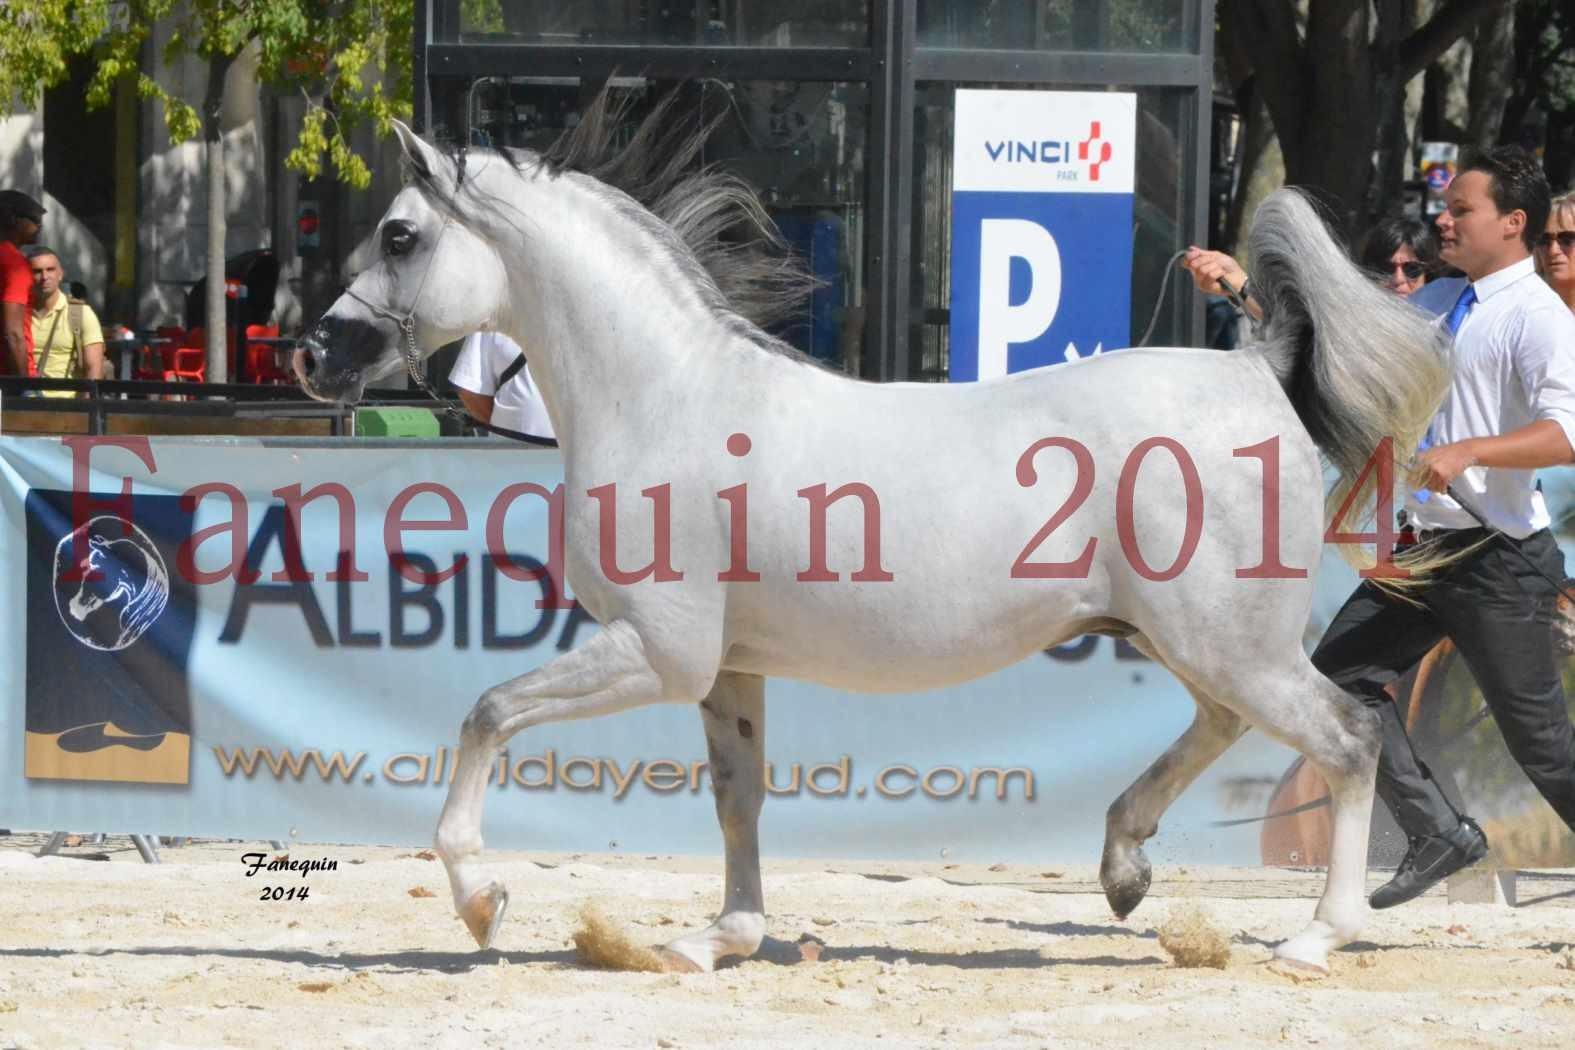 Concours National de Nîmes de chevaux ARABES 2014 - Notre Sélection - SHAOLIN DE NEDJAIA - 17